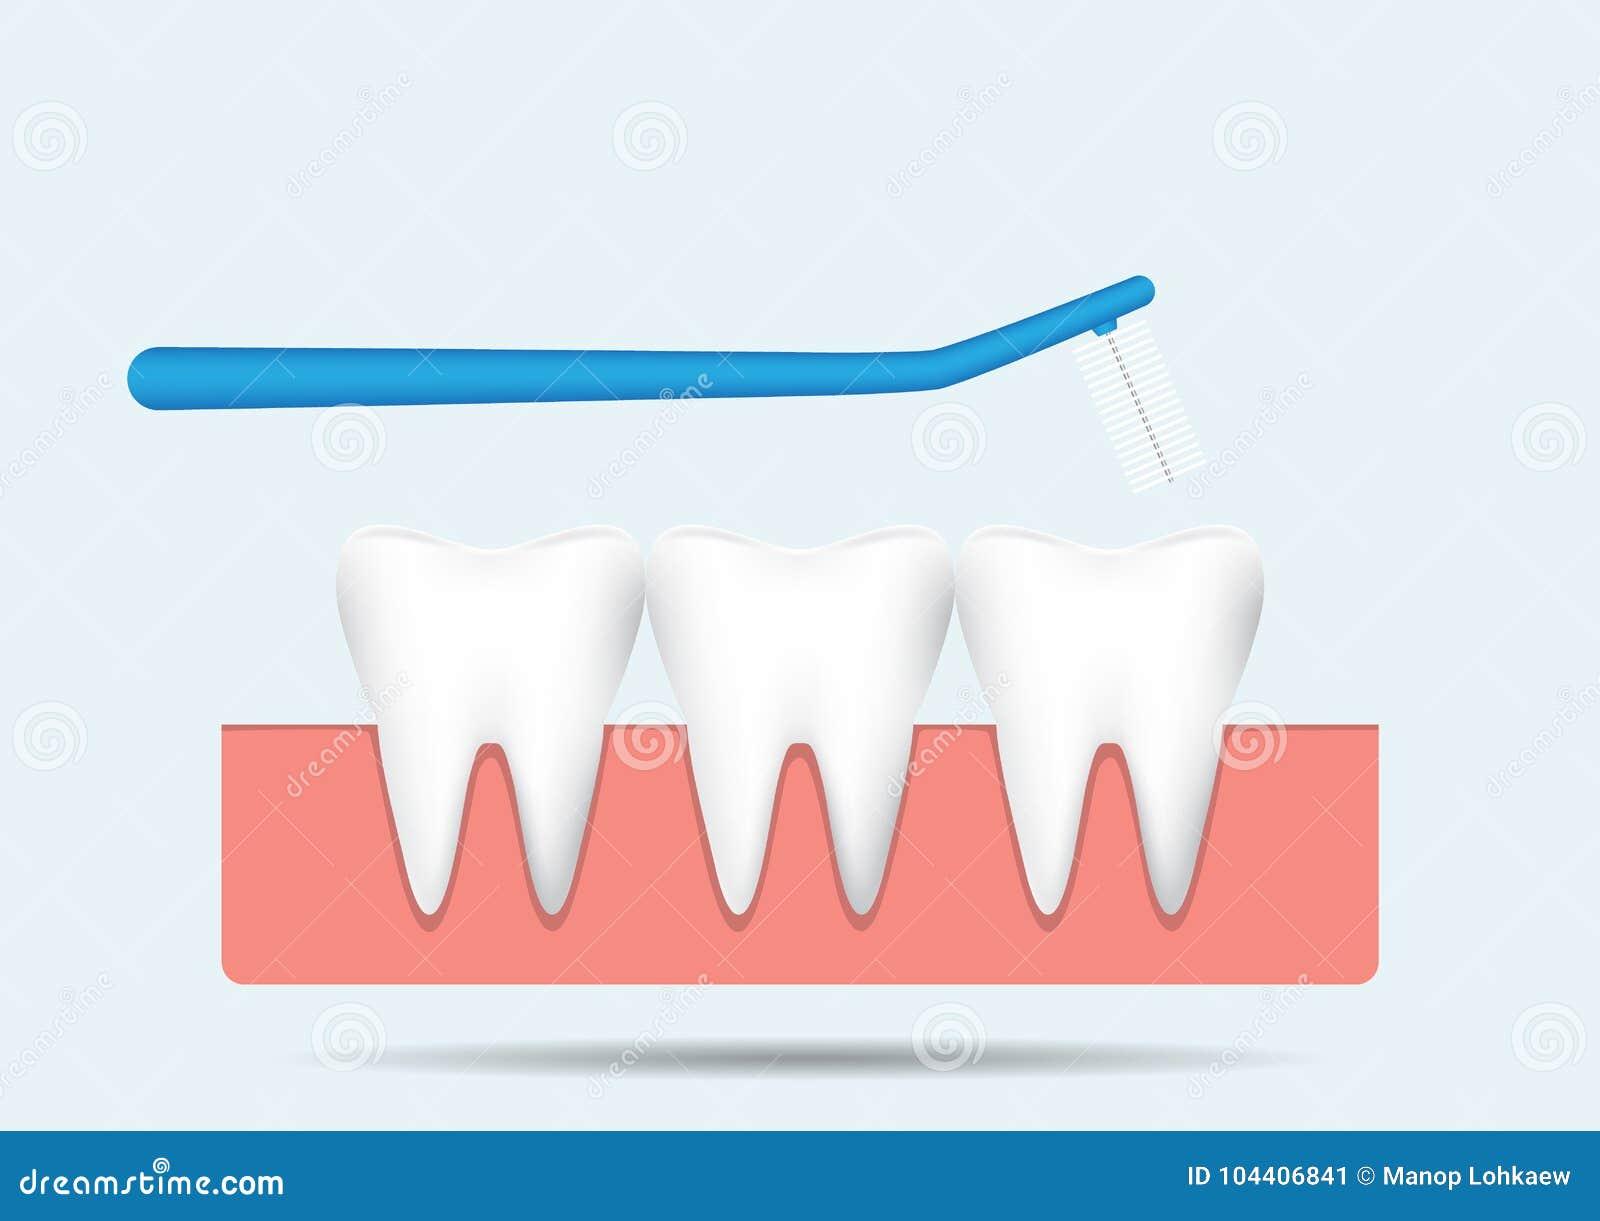 Μεσοδόντια βούρτσα με τα δόντια στη γόμμα στο μπλε υπόβαθρο, οδοντική διανυσματική απεικόνιση έννοιας προσοχής